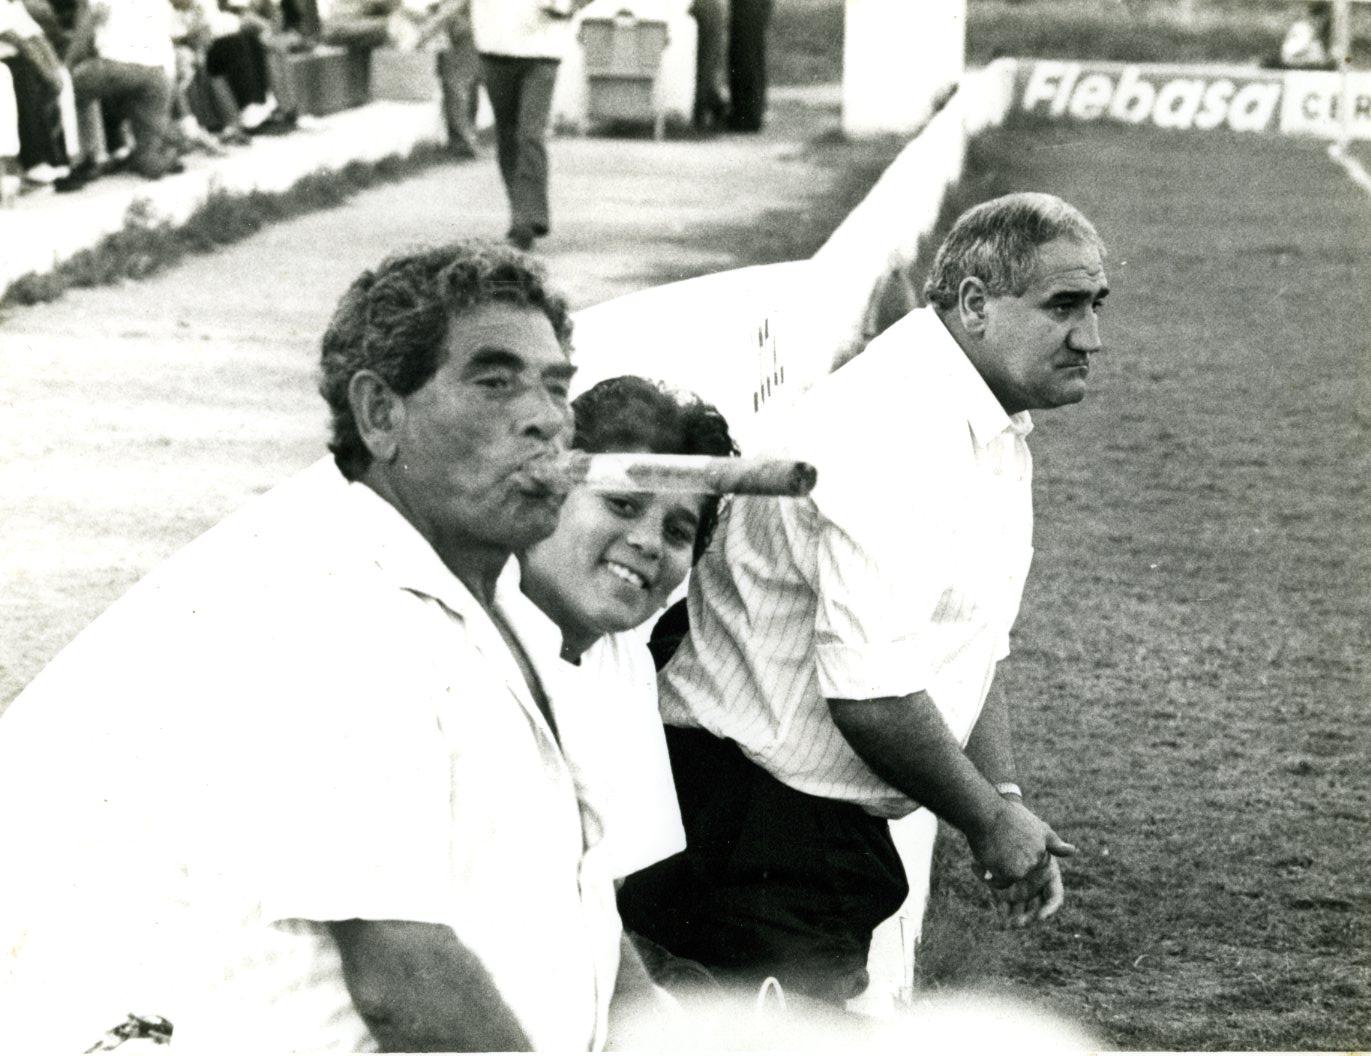 Alejo Rodríguez, fumando un puro en el campo de la calle Canarias. Junto a él, su hijo Pesetas' y uno de los entrenadores de la extinta SD Ibiza.